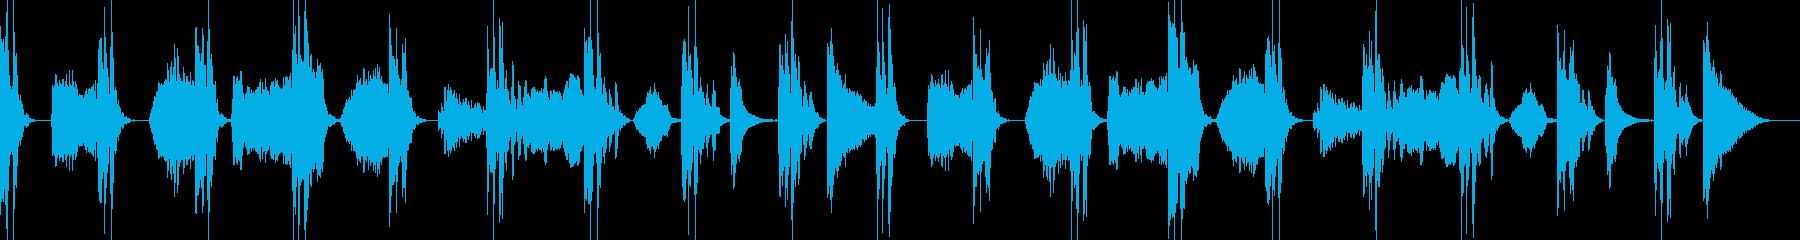 緊迫感や、怪しさのある曲の再生済みの波形